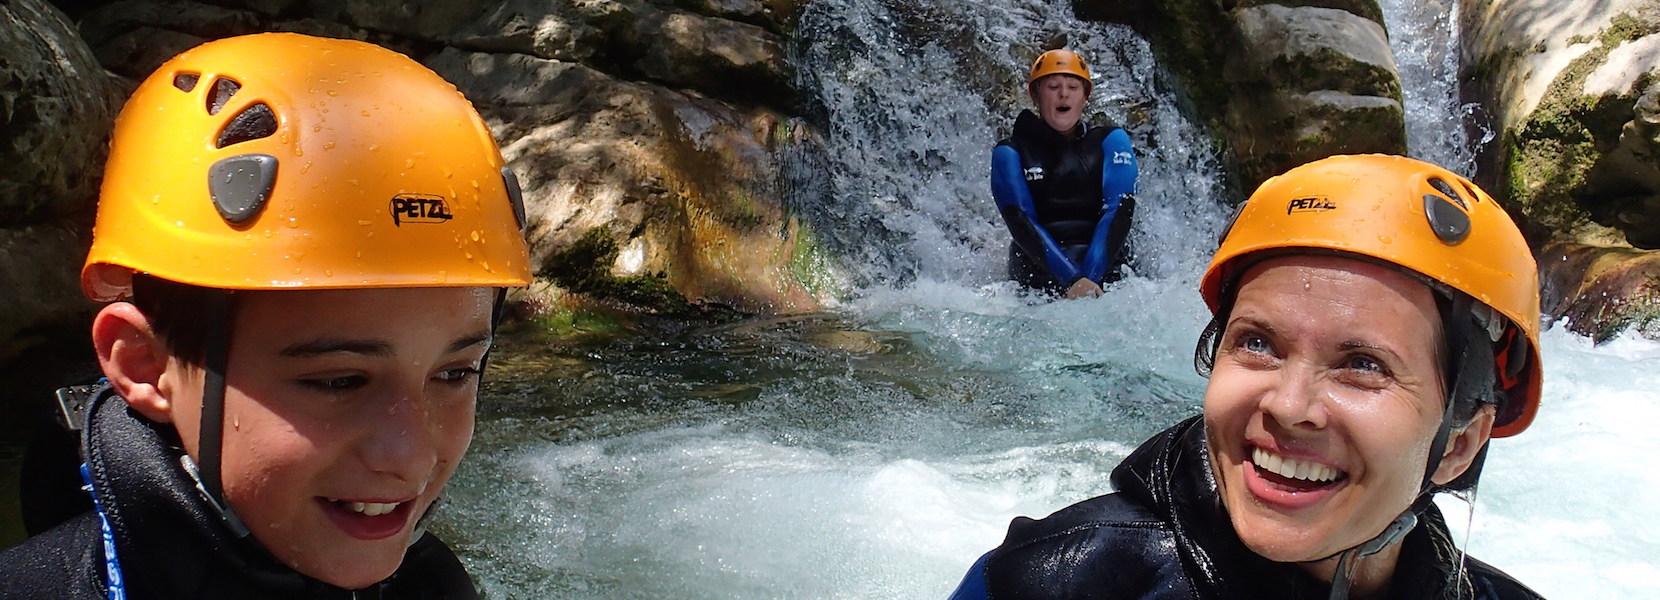 Initiation au canyoning dans les Gorges du loup Alpes Maritimes 06.